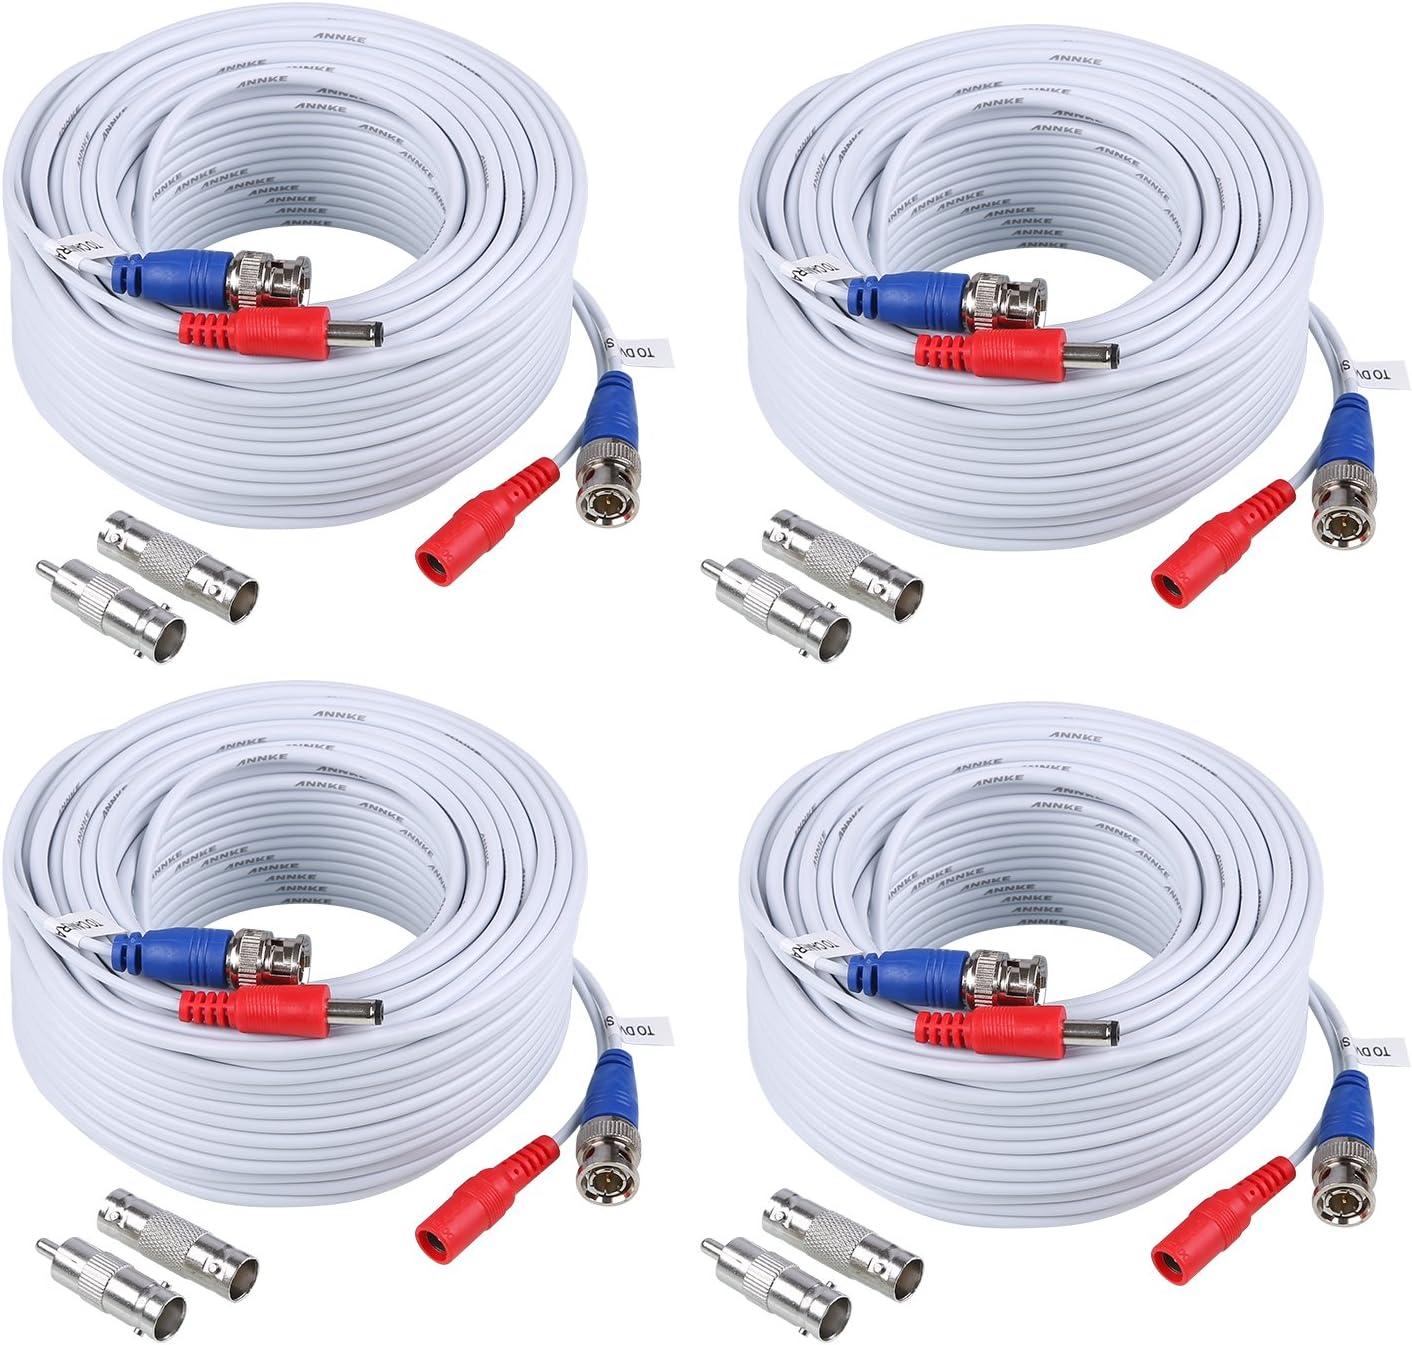 ANNKE 4pcs Cables 30m/100 pies de BNC y de DC Fuente Sistema de seguridad Conector Video (pack of 4)